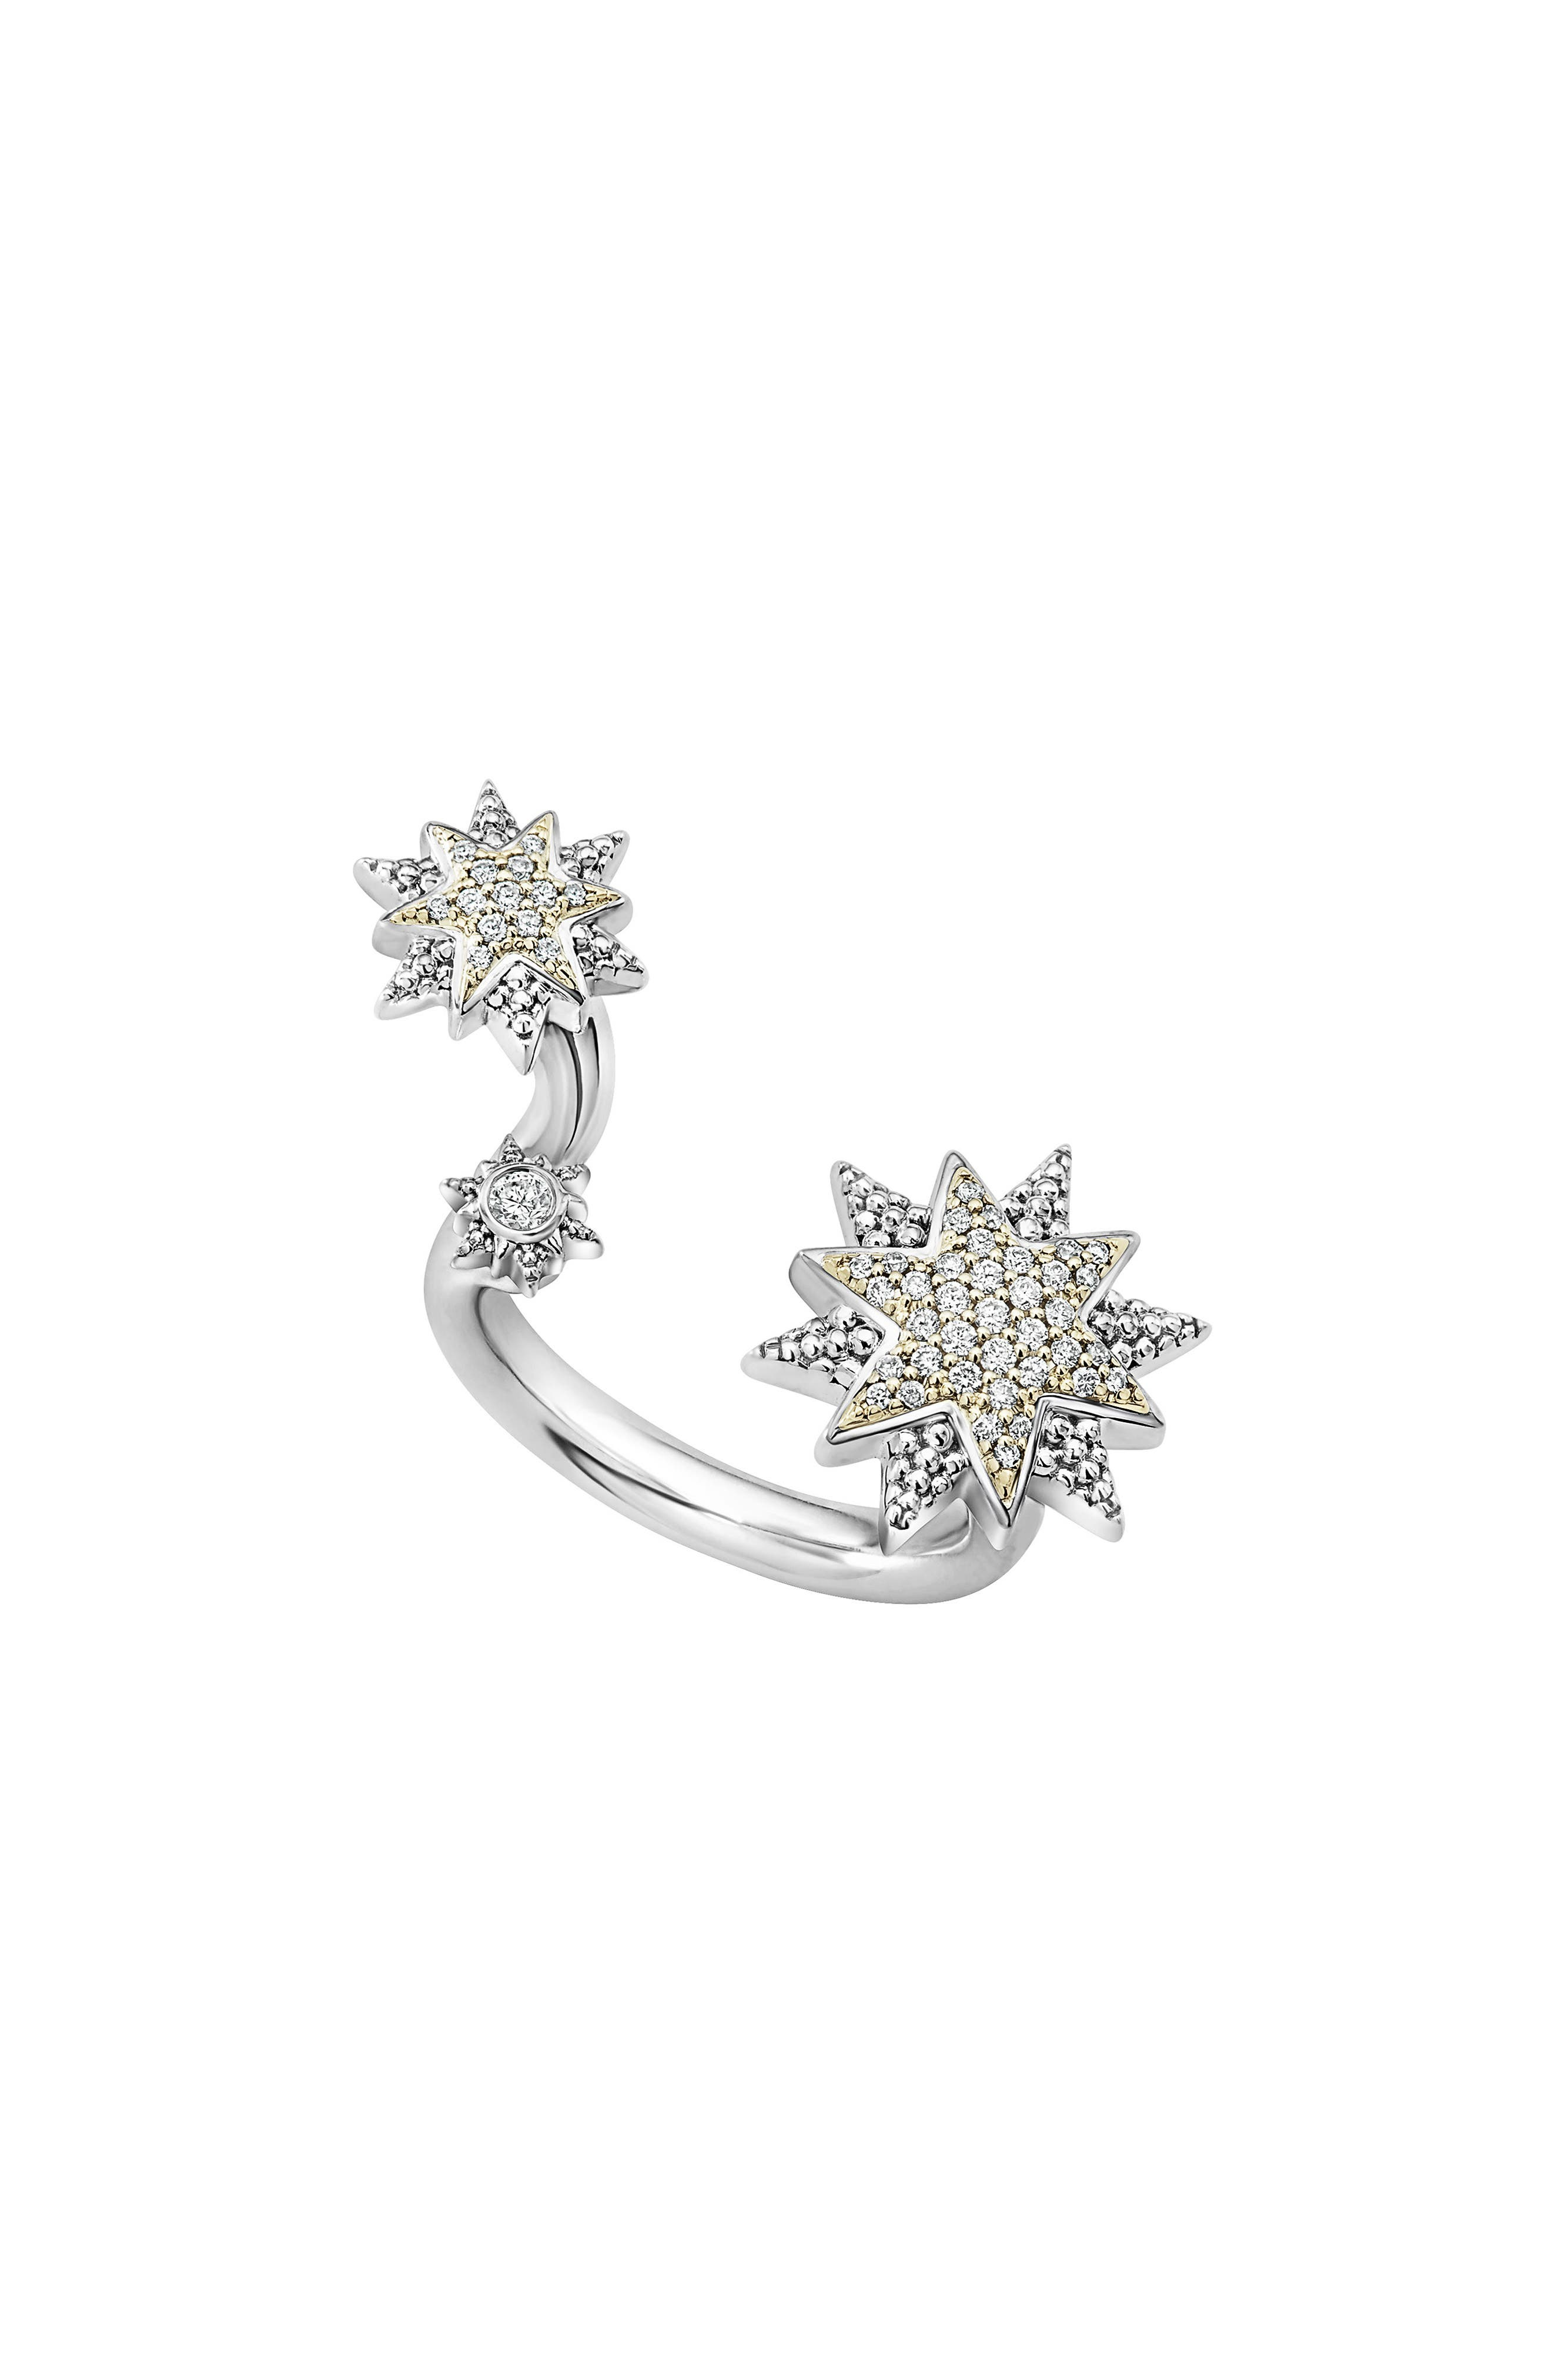 North Star Diamond Ring,                         Main,                         color, Diamond